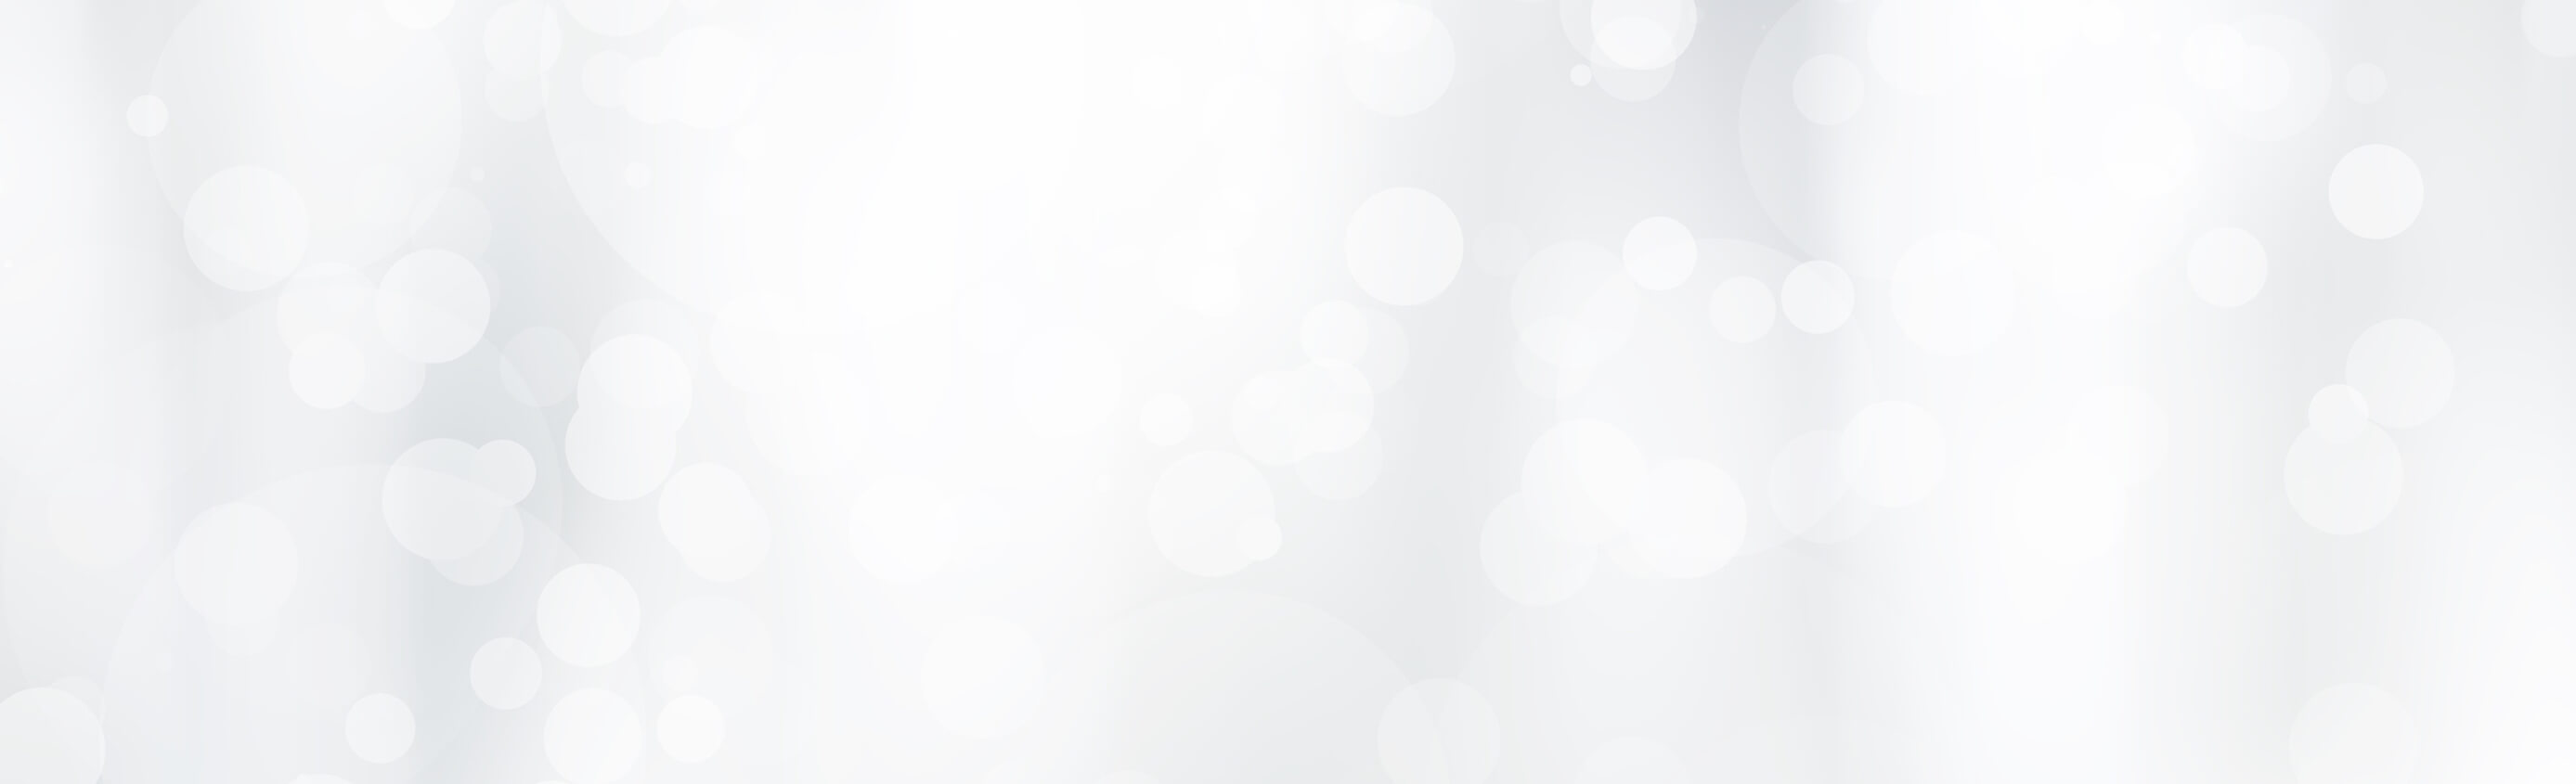 ネタバレ 97 ガール アシ